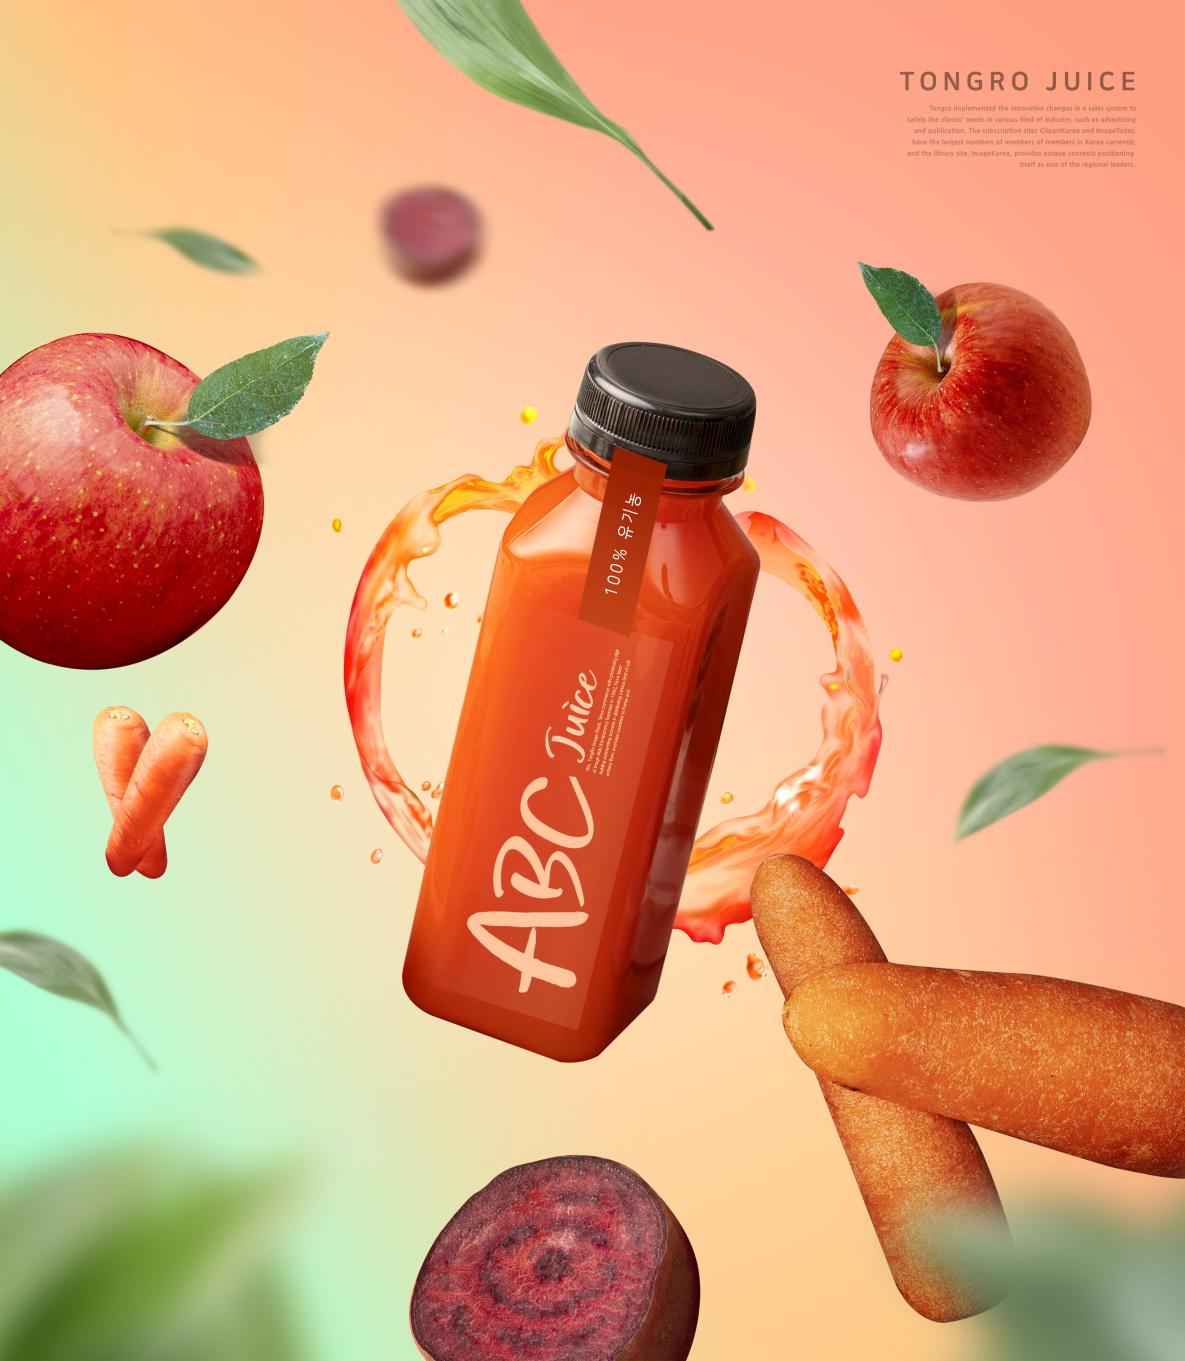 7款果汁饮料奶茶牛奶海报传单设计PSD模板素材 Juice Drink Sale Poster Template插图